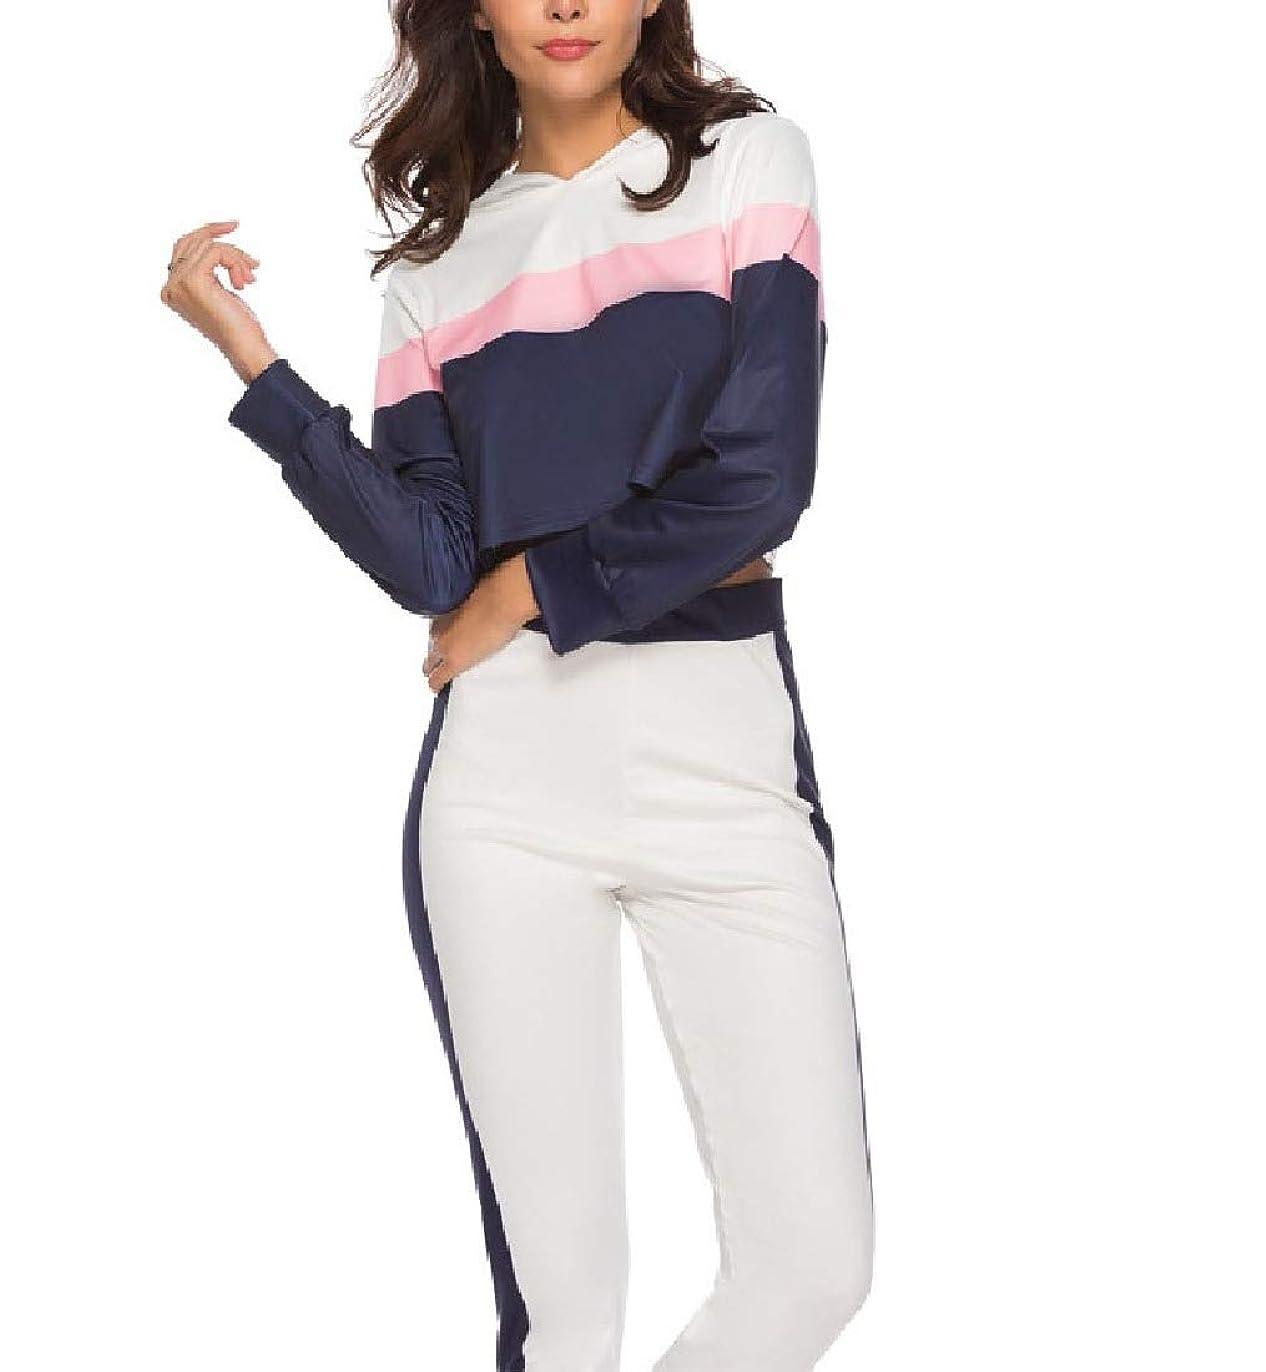 リラックス小道トロピカル女性フード付き2つの部分ストレッチスポーツジャンプスーツ服